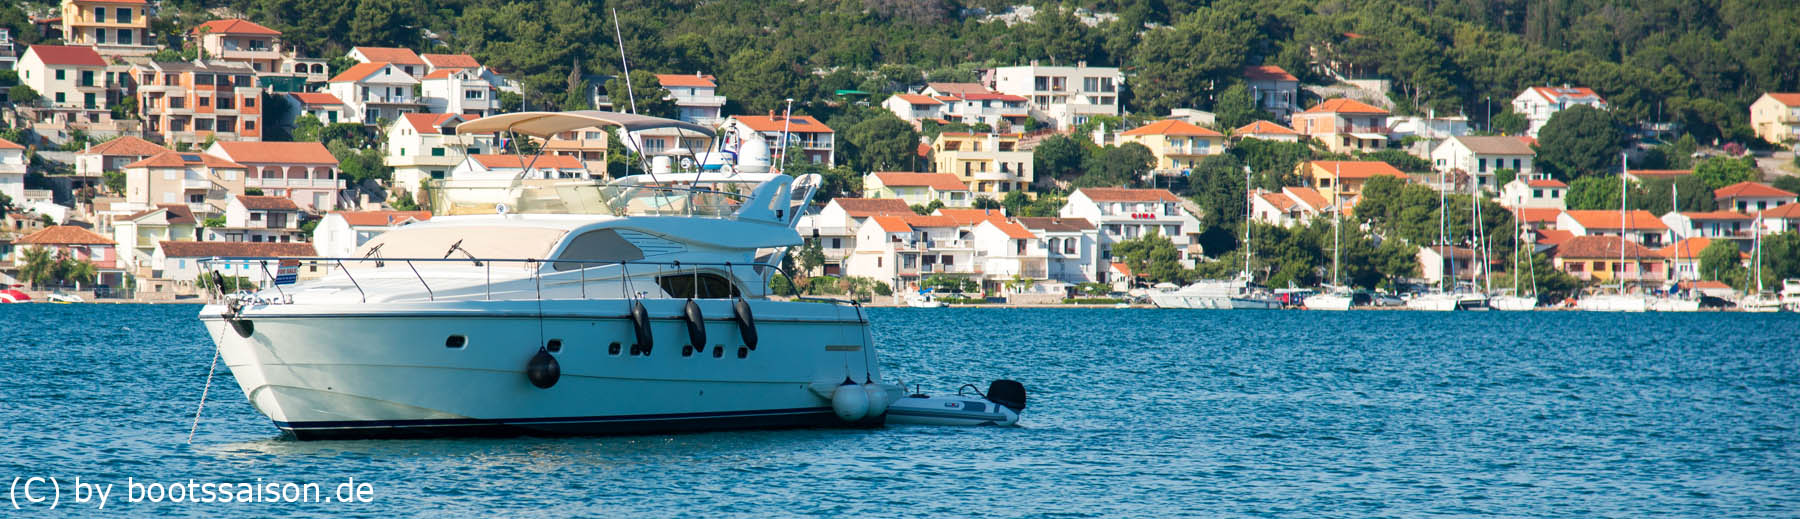 Bootsurlaub Kroatien